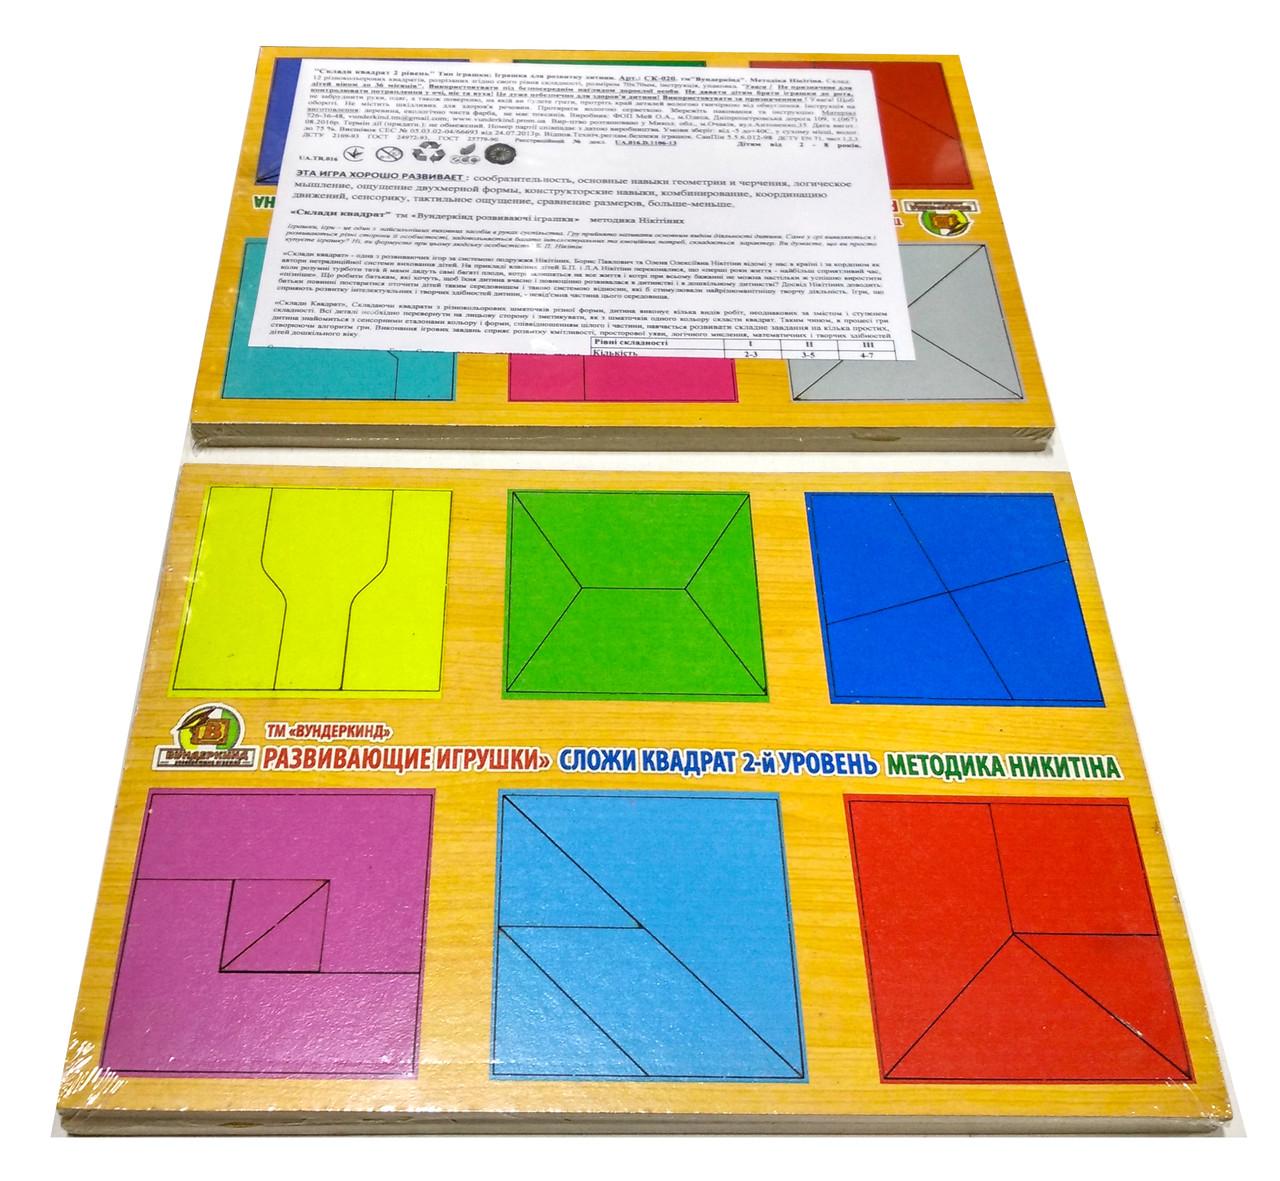 Методика Никитиных Сложи квадрат 2 уровень, 12 квадратов. Материал: дерево. Размер: лист А-3